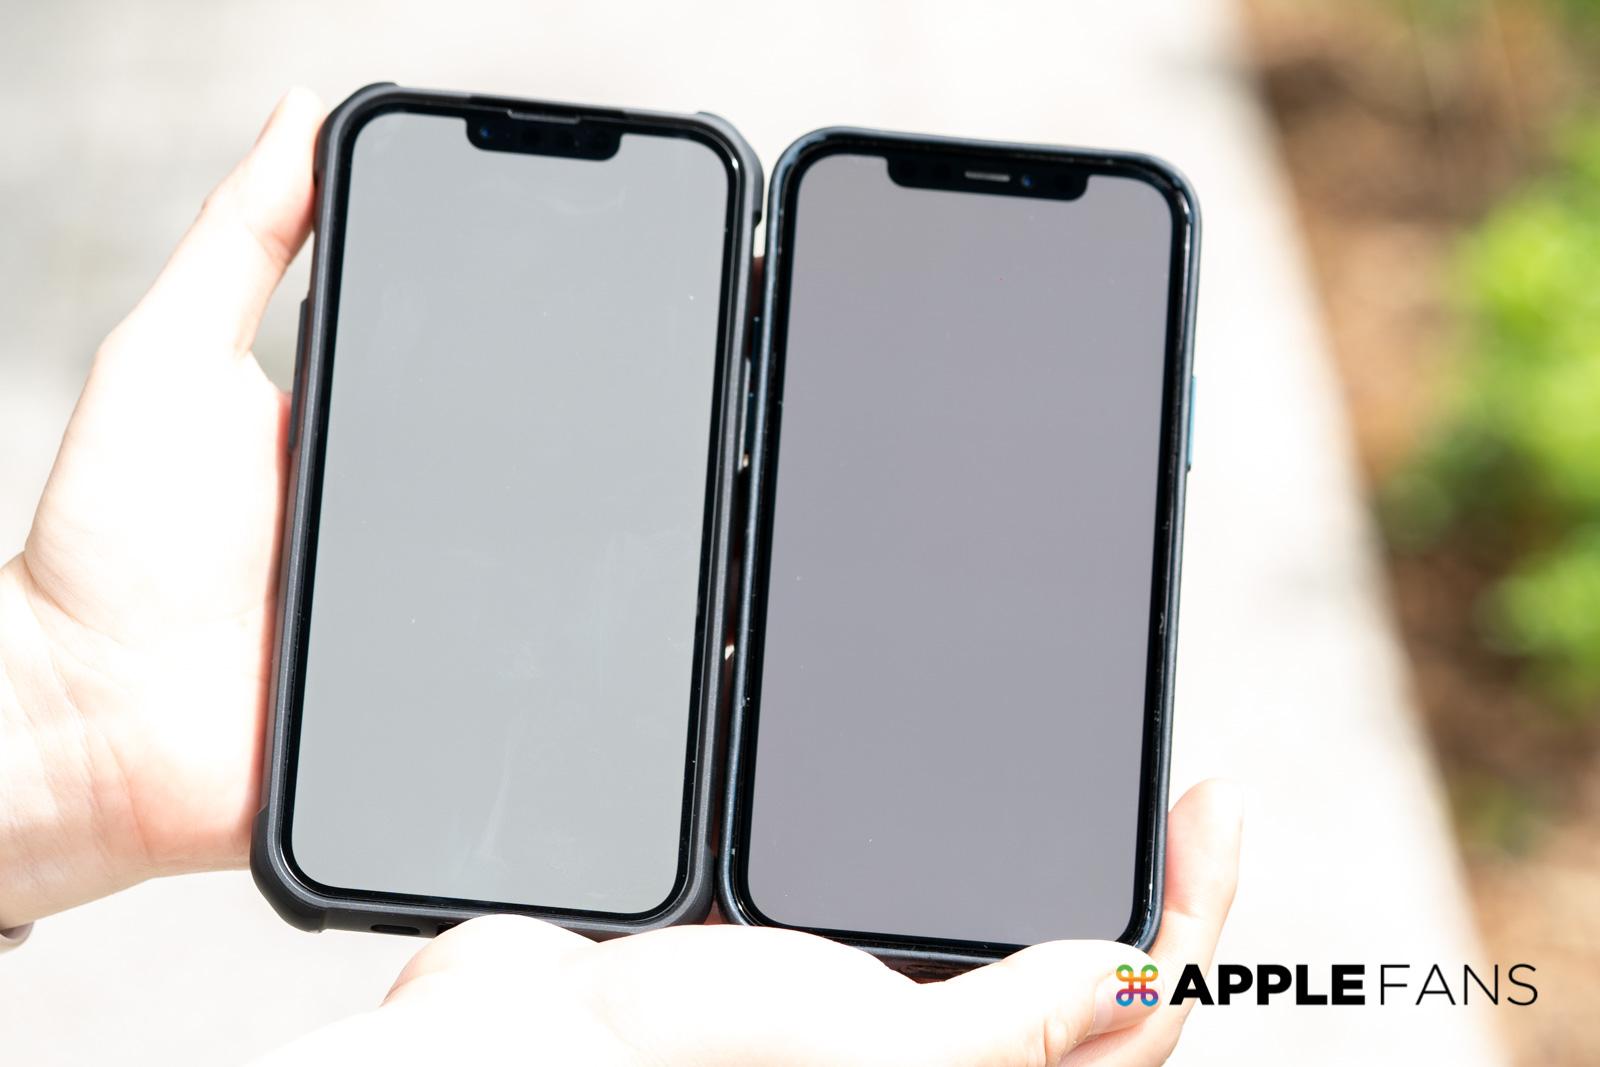 iPhone 13 Pro 與 iPhone 12 Pro 的尼特數比較